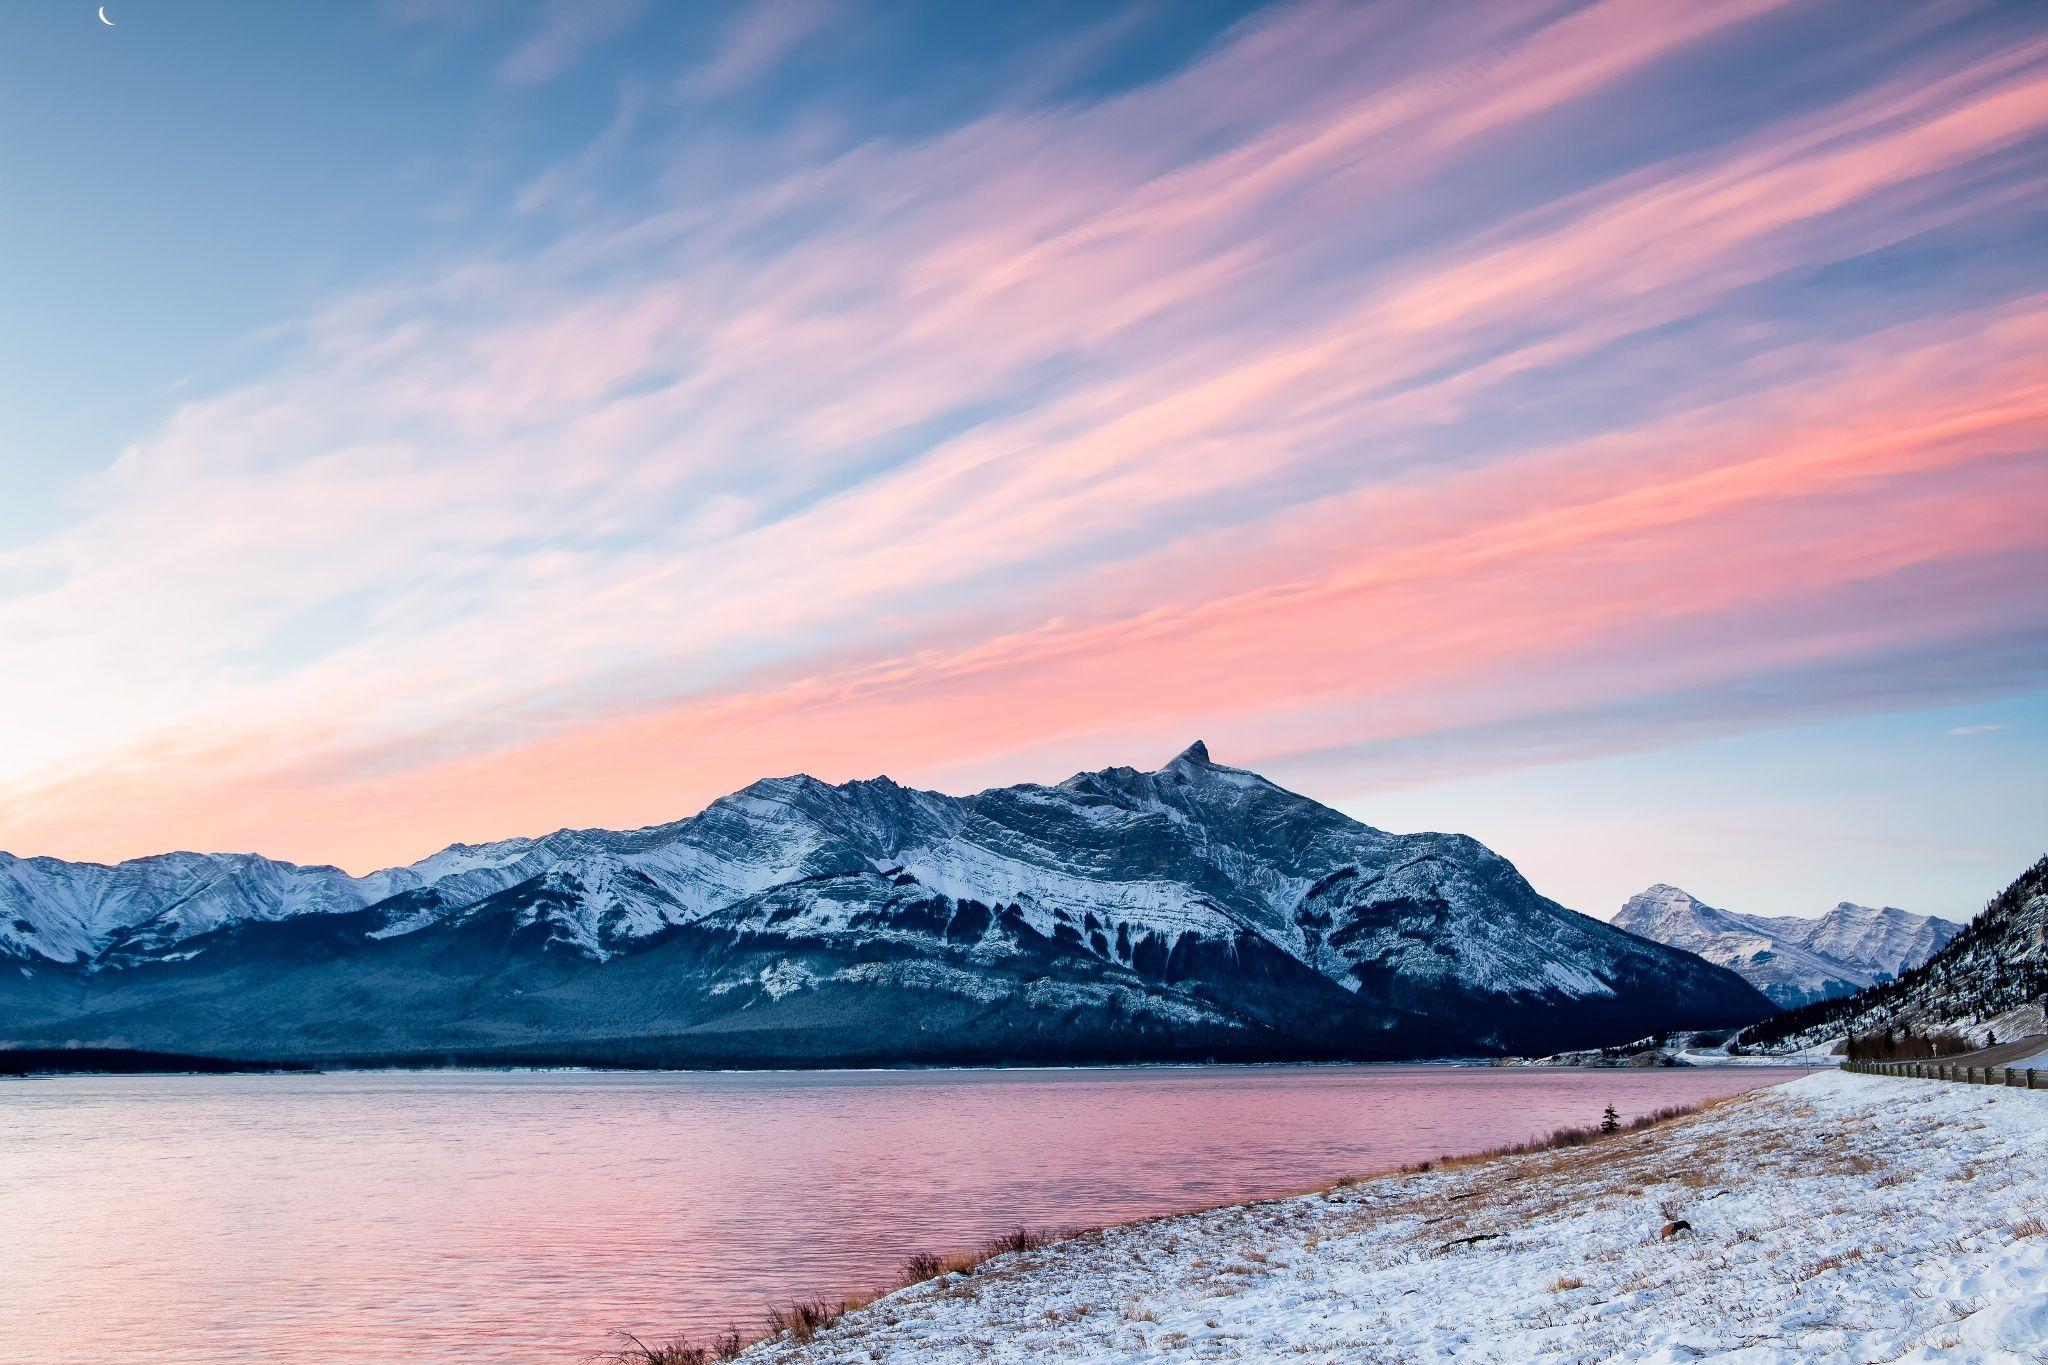 Abraham Lake Morning by David Buhler on 500px